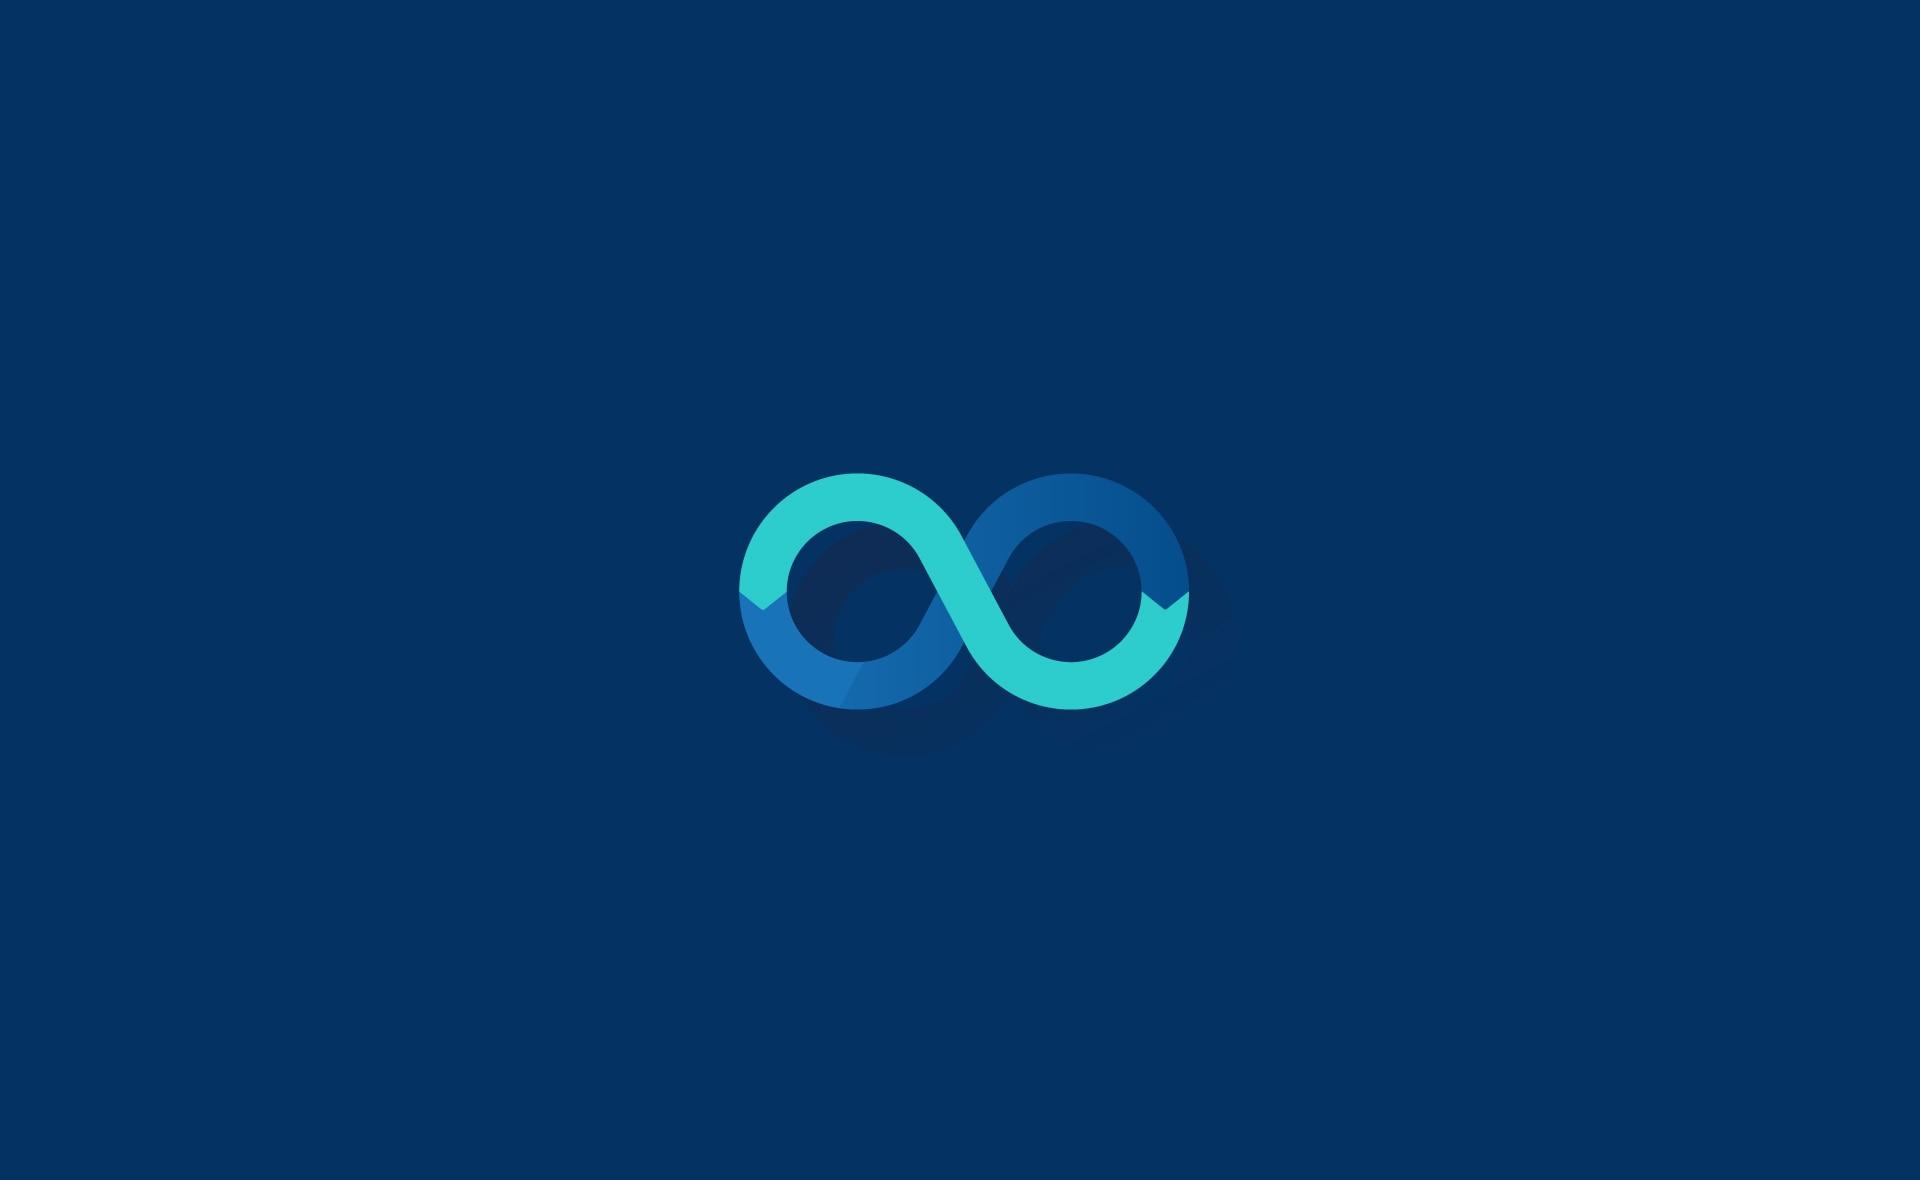 devops_agile-ilustración-infinito-design-podcast-diseño-bbva